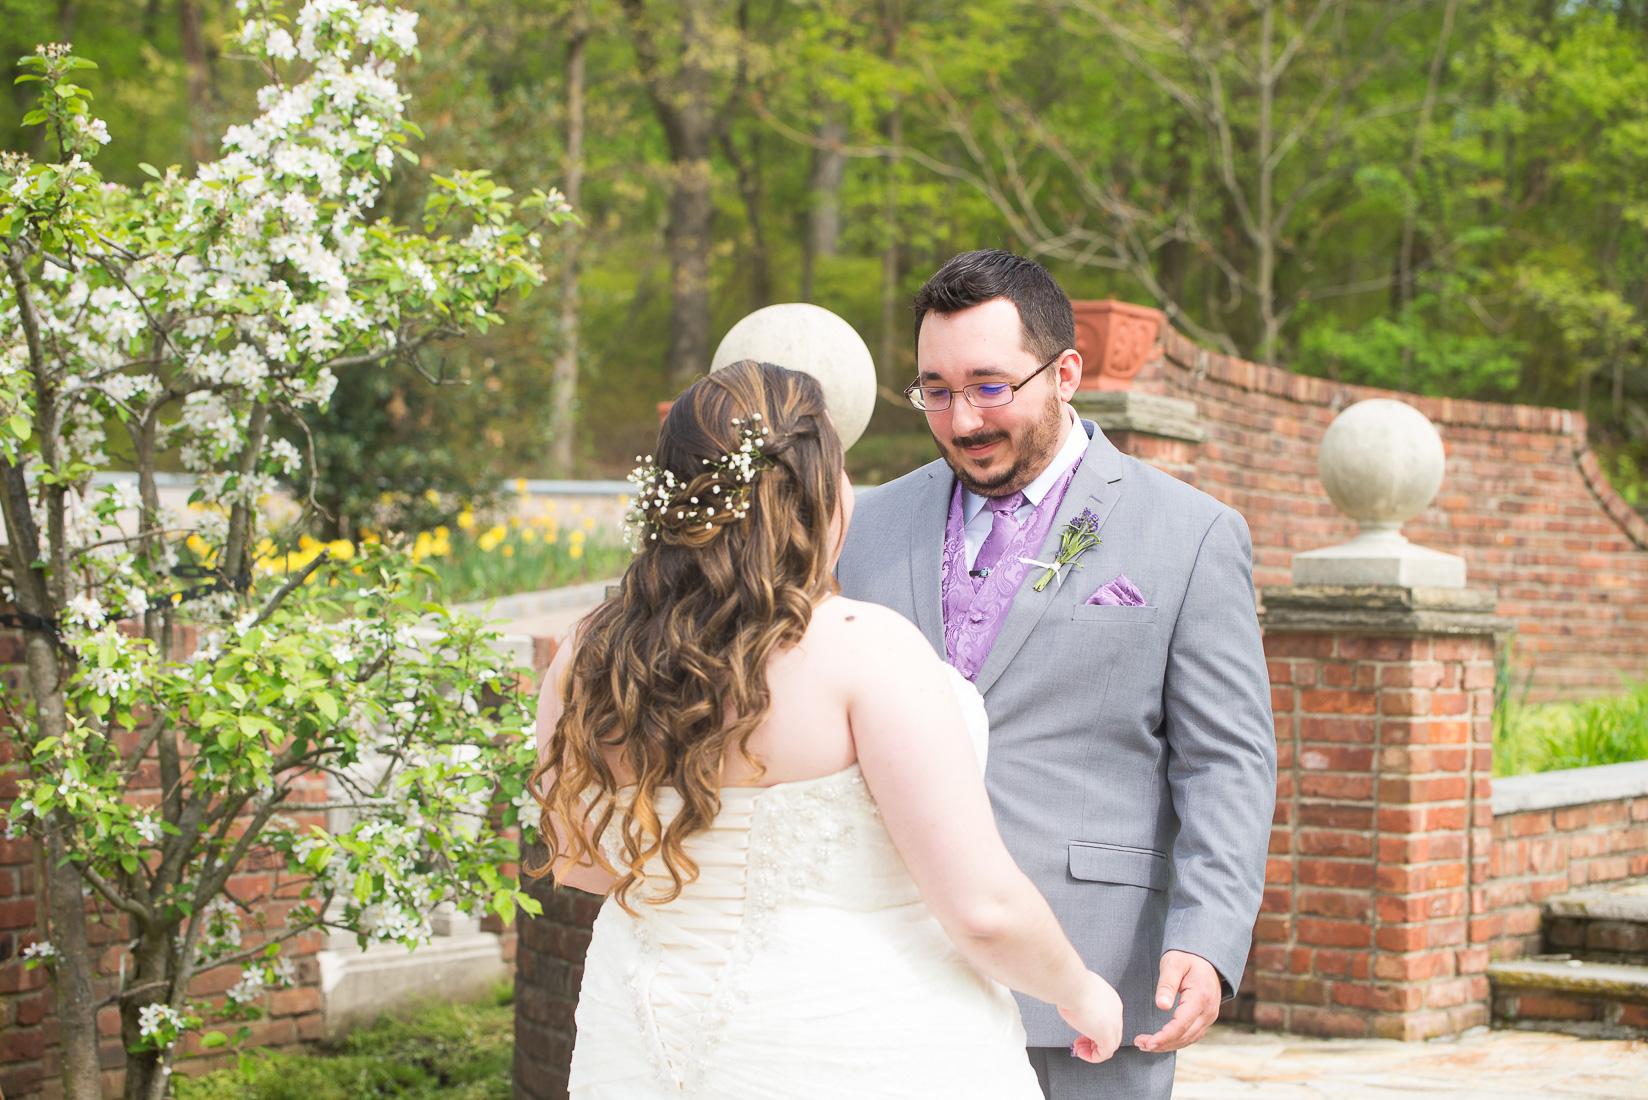 Manor-SouthOrange-NJ-wedding-0008.jpg